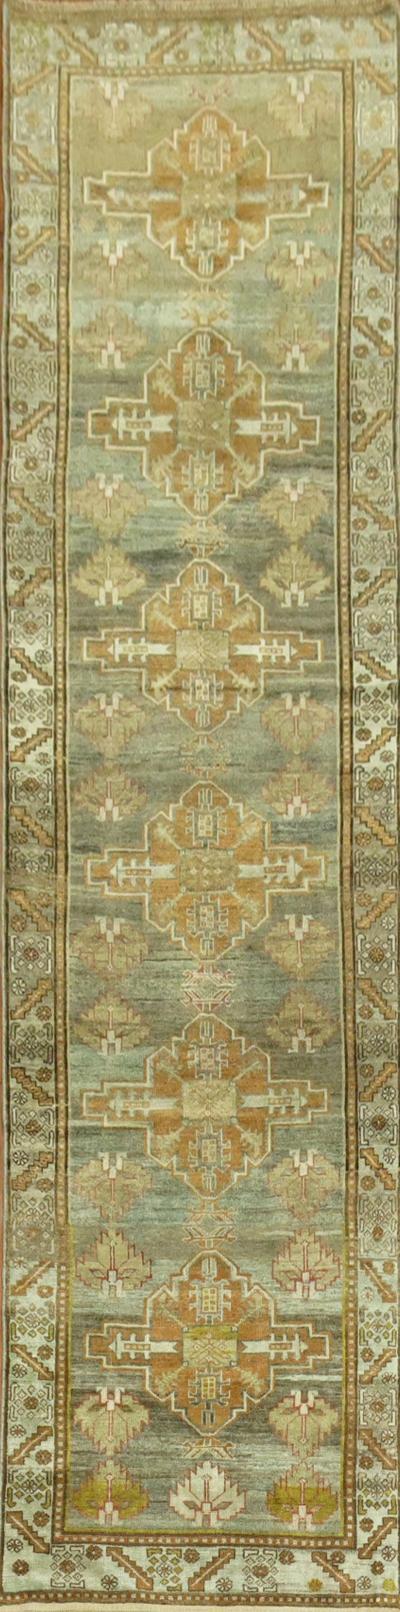 Antique Persian Heriz Runner rug no j1550